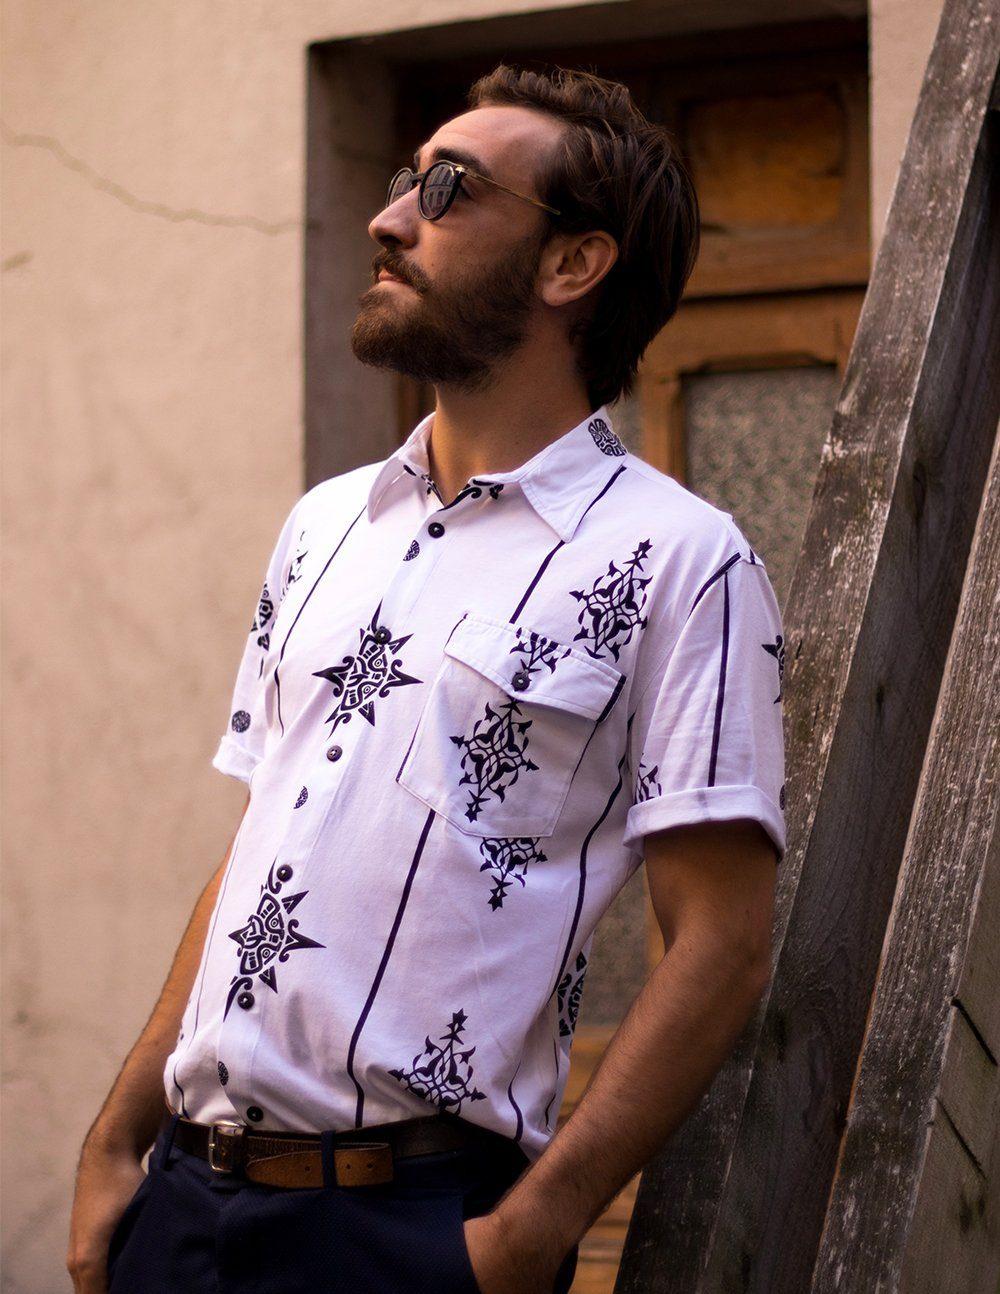 Palasaña-Belen mao(chemise à manche courte)(blanche avec motif incas en coton de pima biologique certifié GOTS)